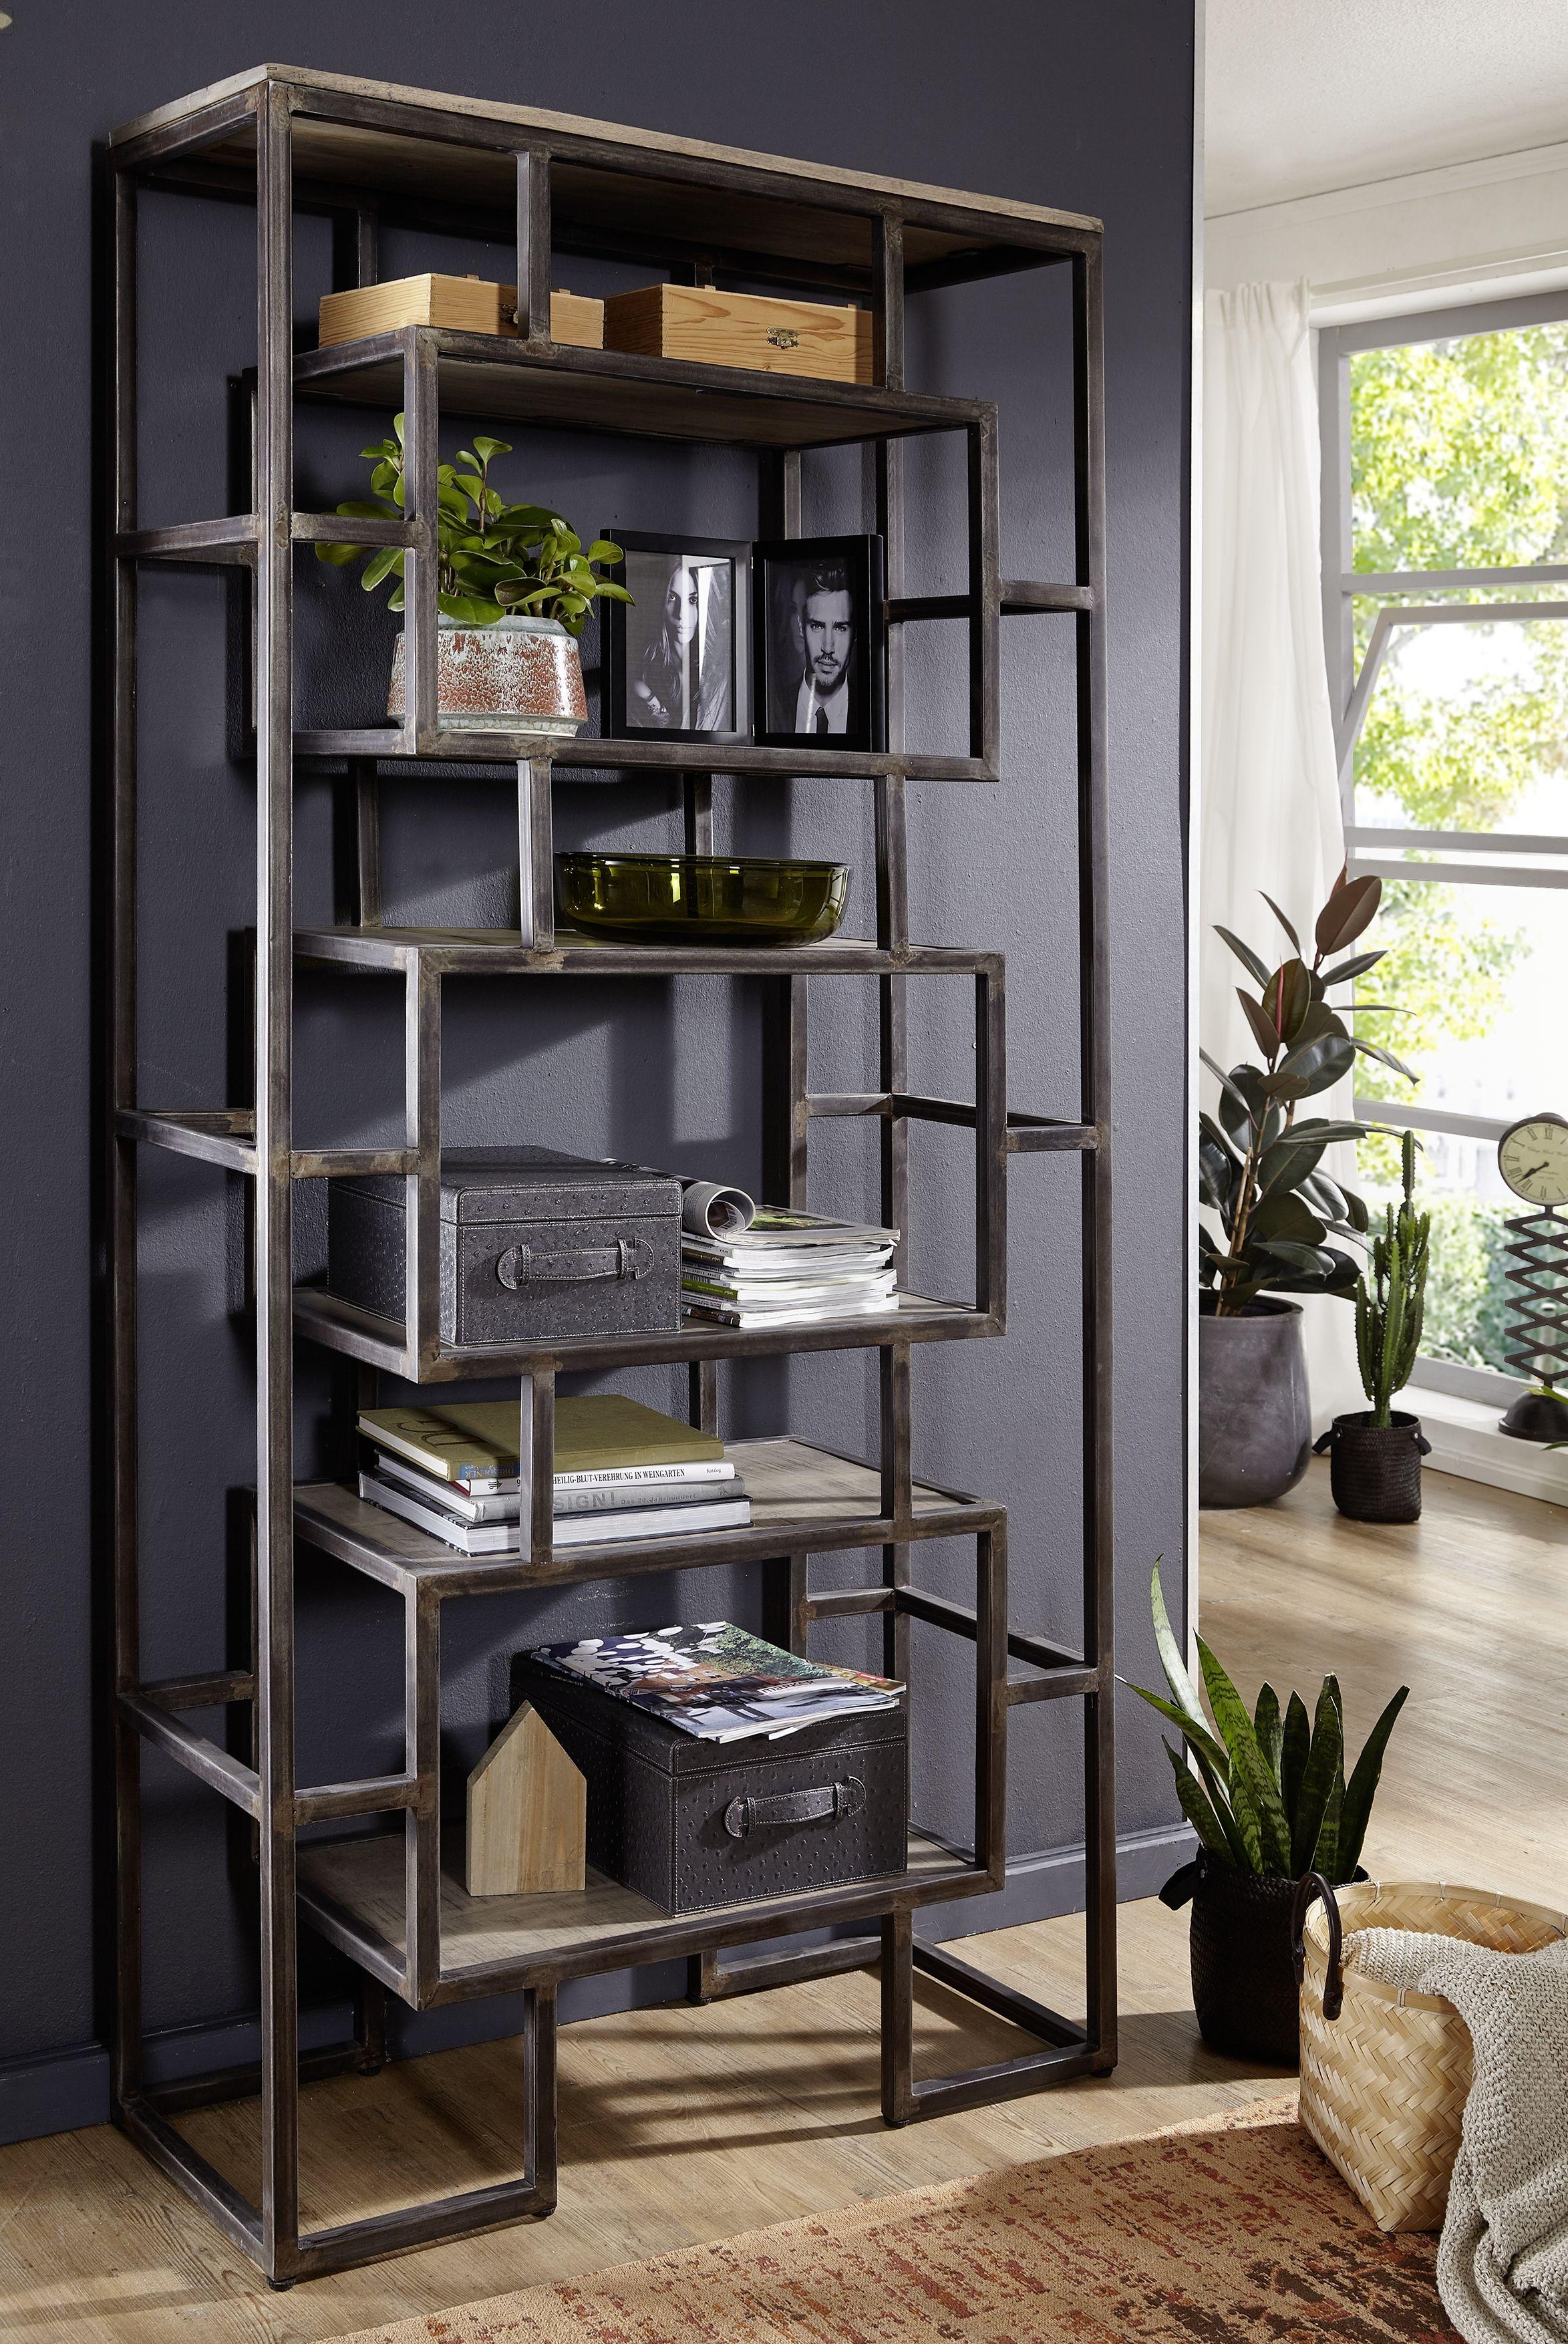 regal der reihe heavy industry gefertigt aus mangoholz mit eisenelementen nat rlich lackiert. Black Bedroom Furniture Sets. Home Design Ideas